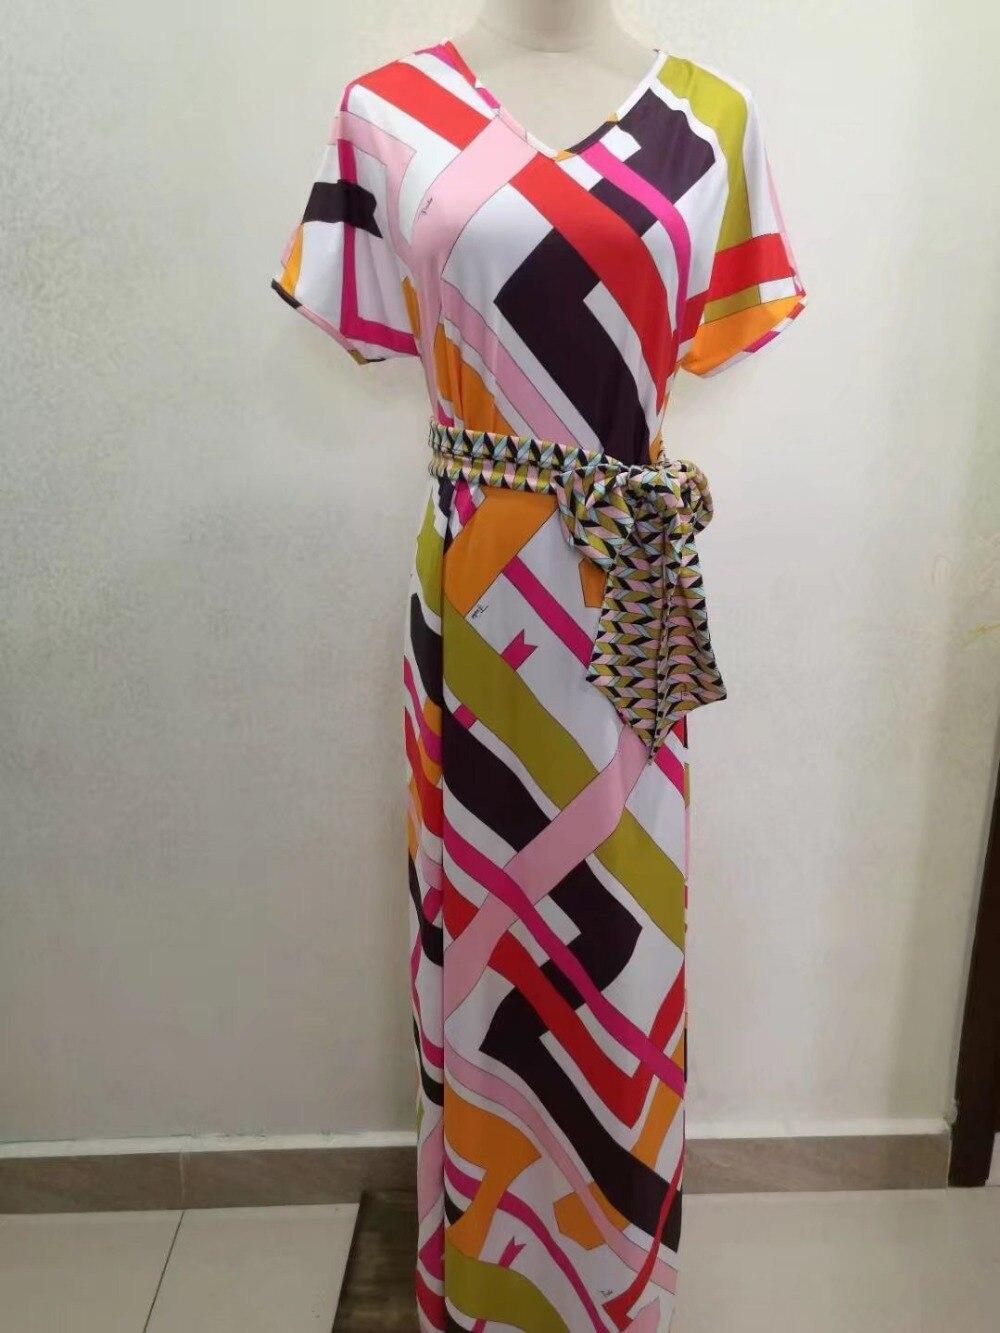 Géométrie Impression Spandex Designer Robe Femmes 2017 Maxi Manches Élastique De À Jersey Nouveau Xxl Luxe Coloré Soie Marques Courtes yIb6vY7fg